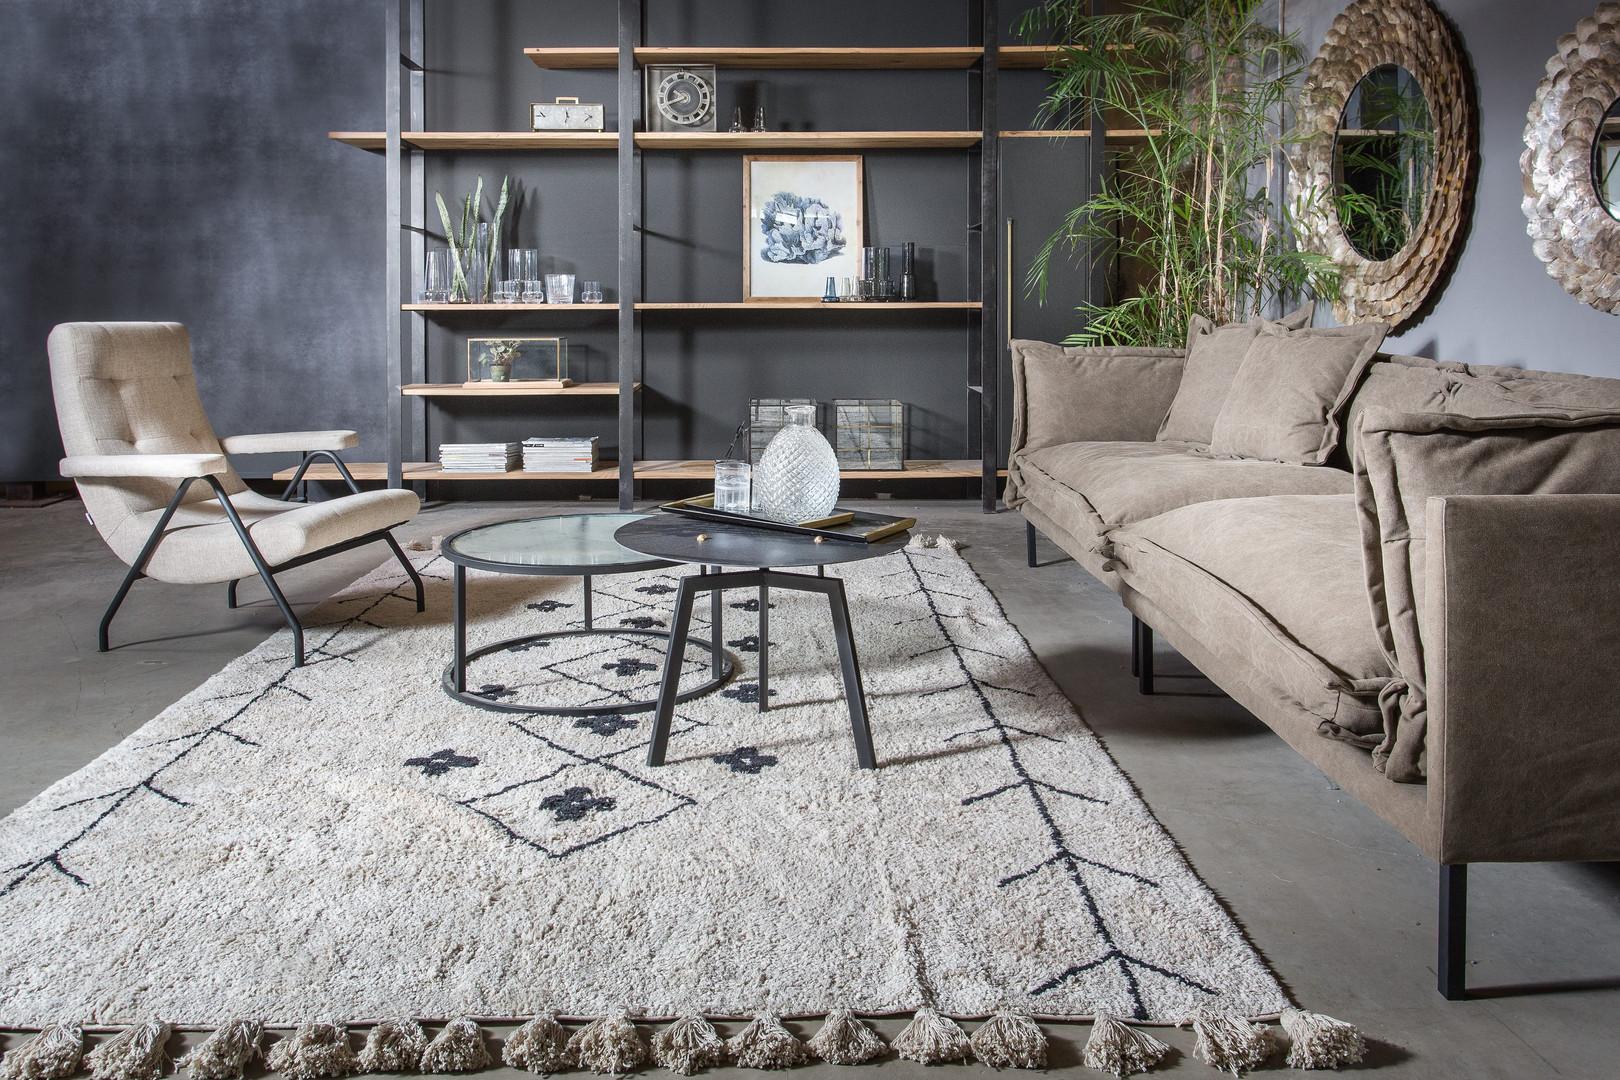 ספה בסגנון סקנדינבי על רקע קיר תעשייתי בשילוב שטיח ברברי